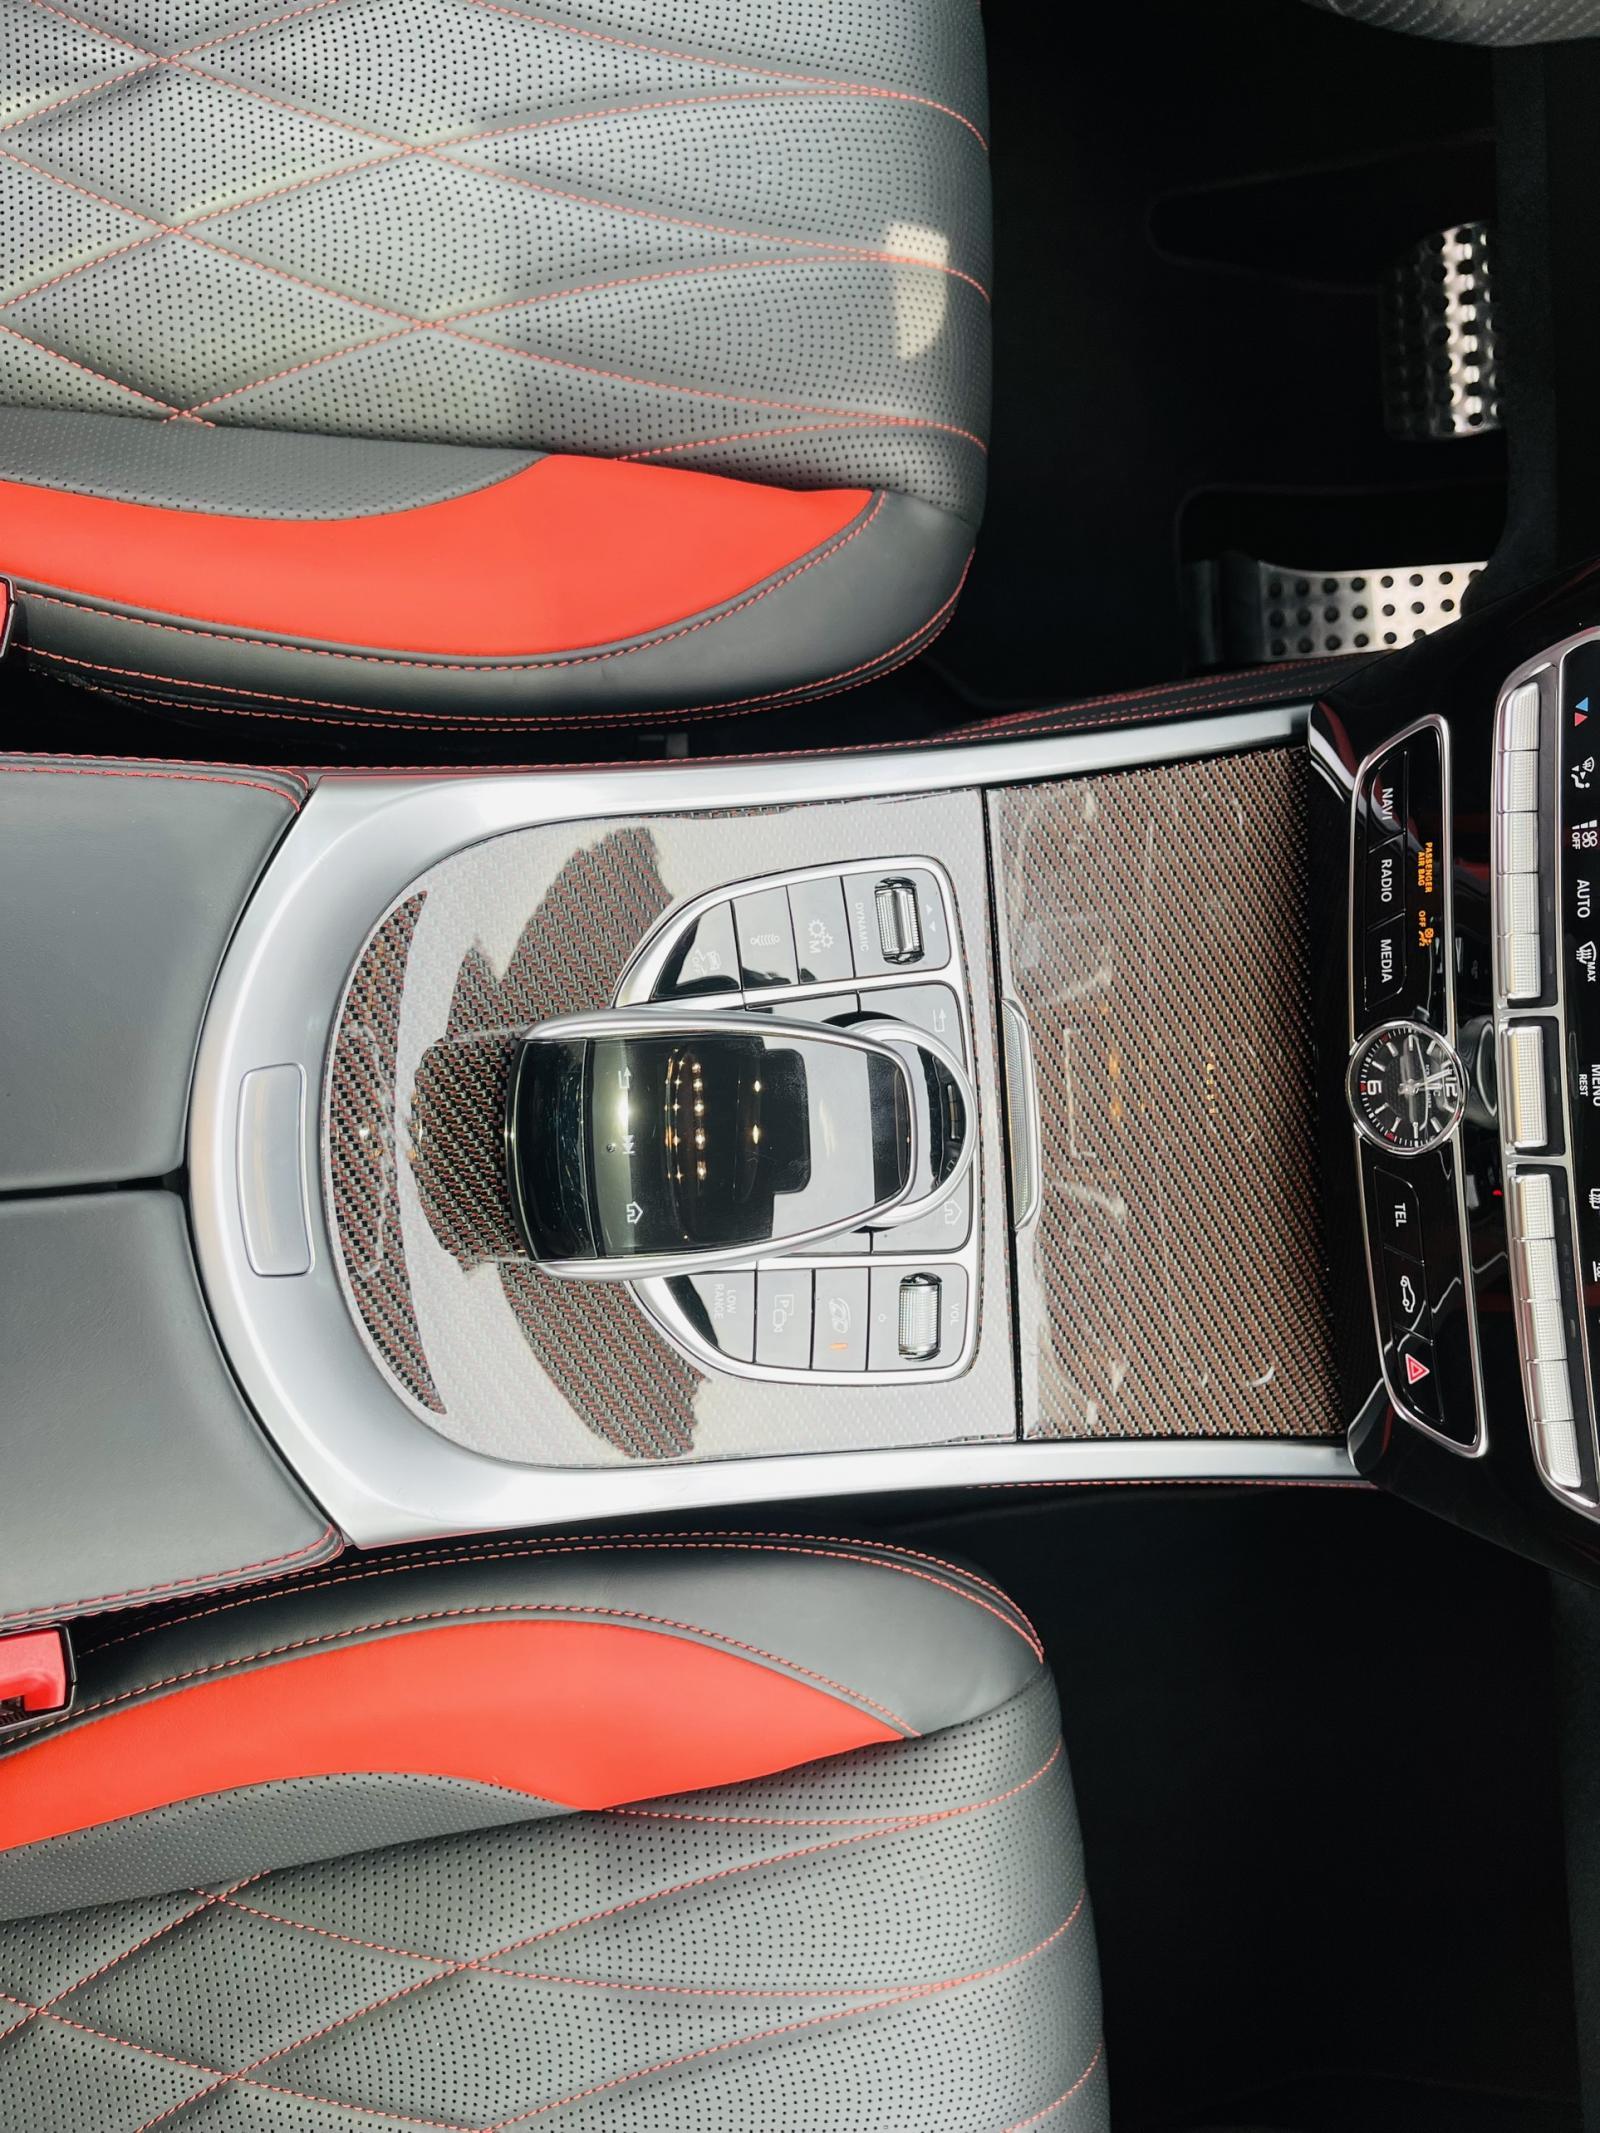 Cần bán lại xe Mercedes G63 Edition 1 đời 2019, màu đen, nhập khẩu